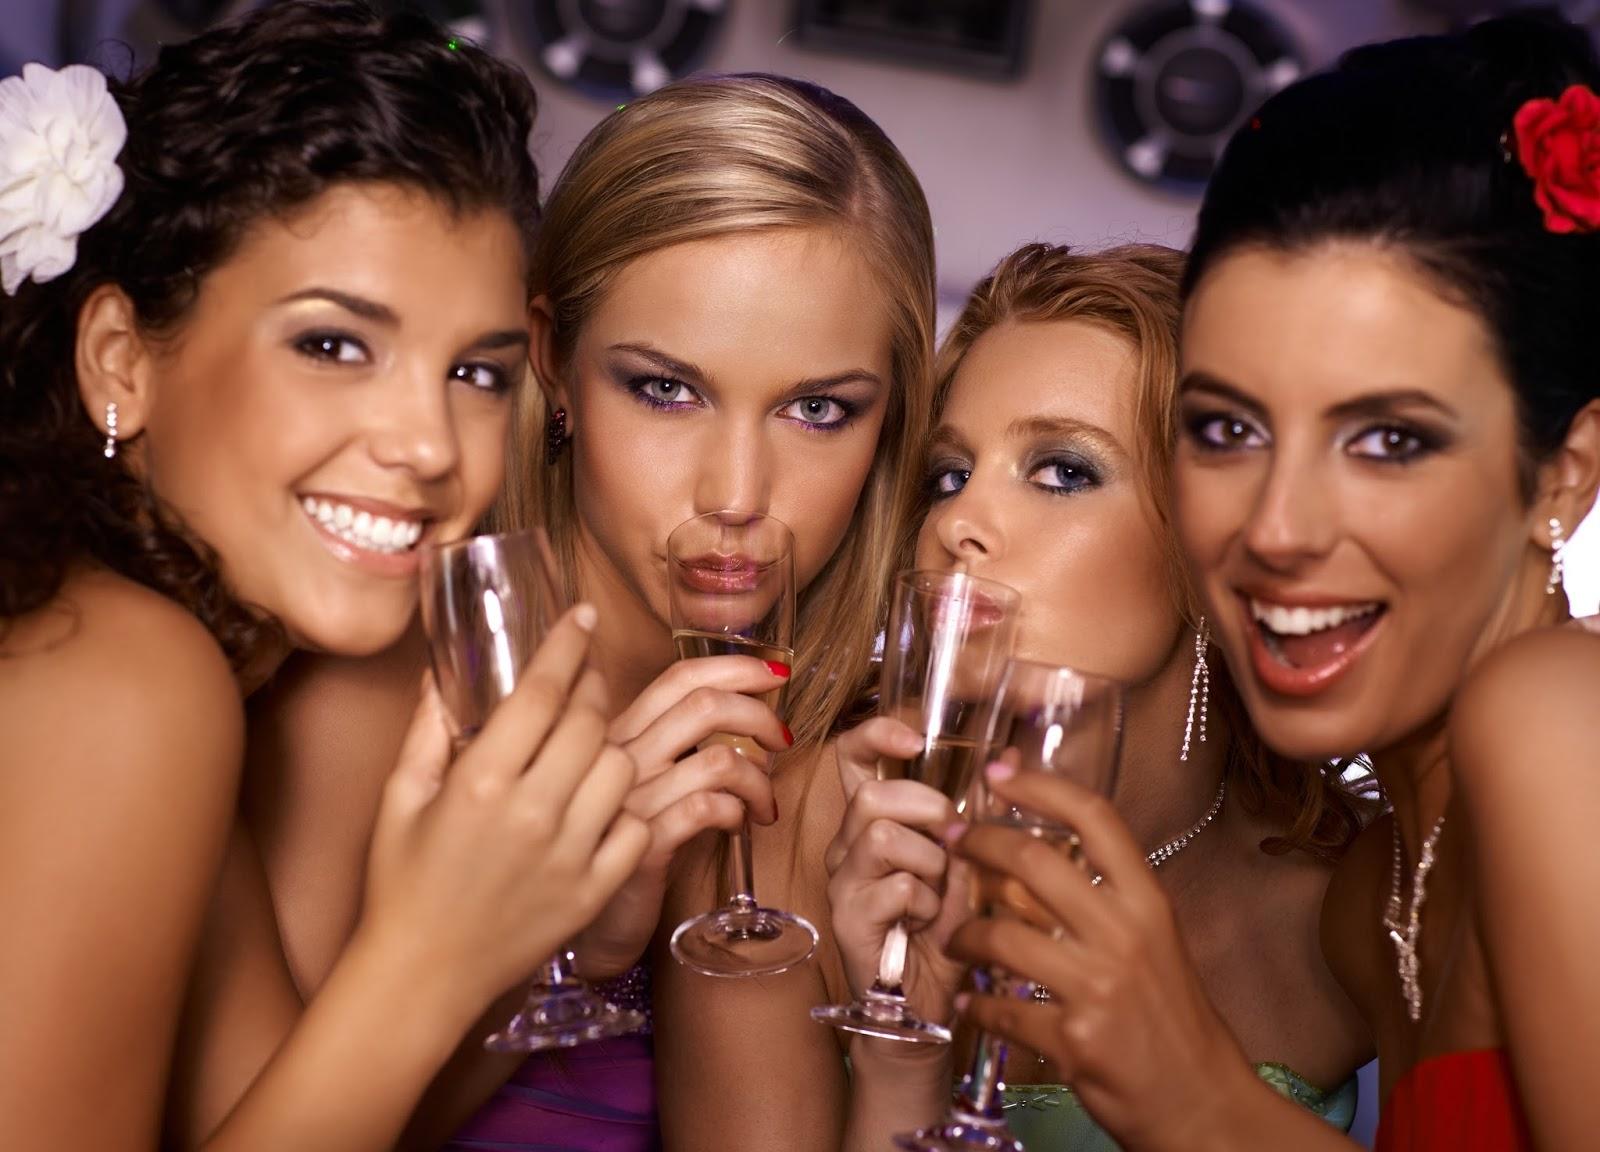 Секс порно девичники девочек перед свадьбой 7 фотография